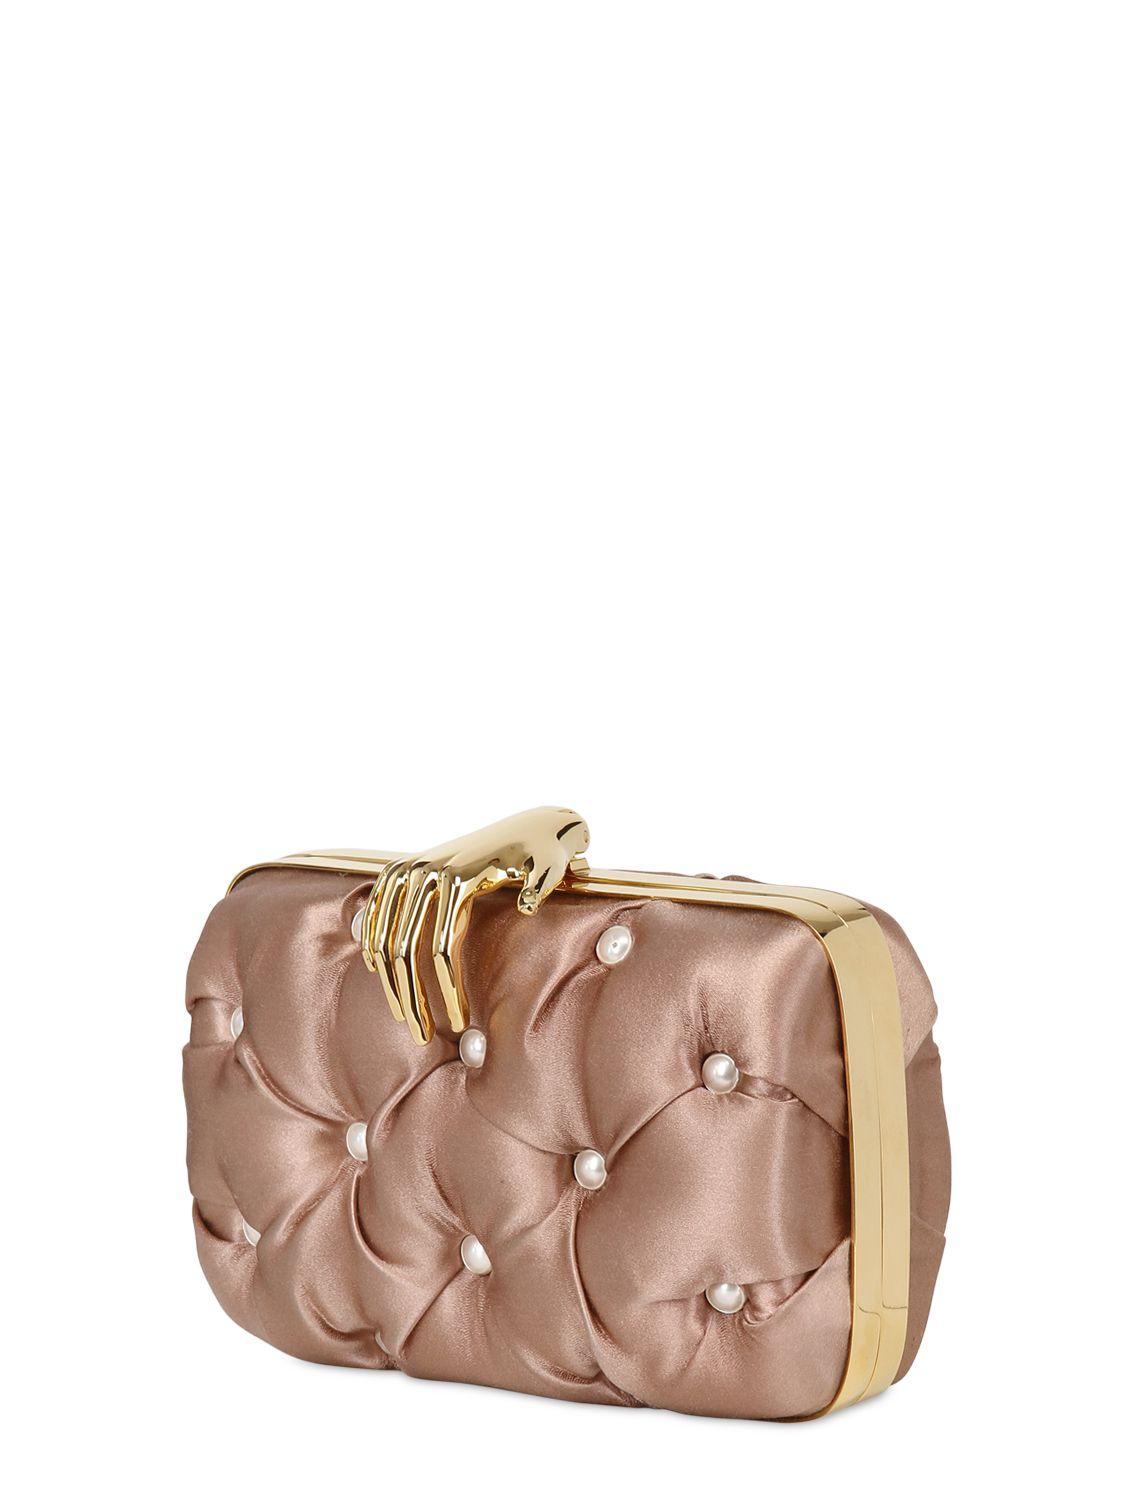 Benedetta Bruzziches Pre-owned - Clutch bag YG15cySZYn